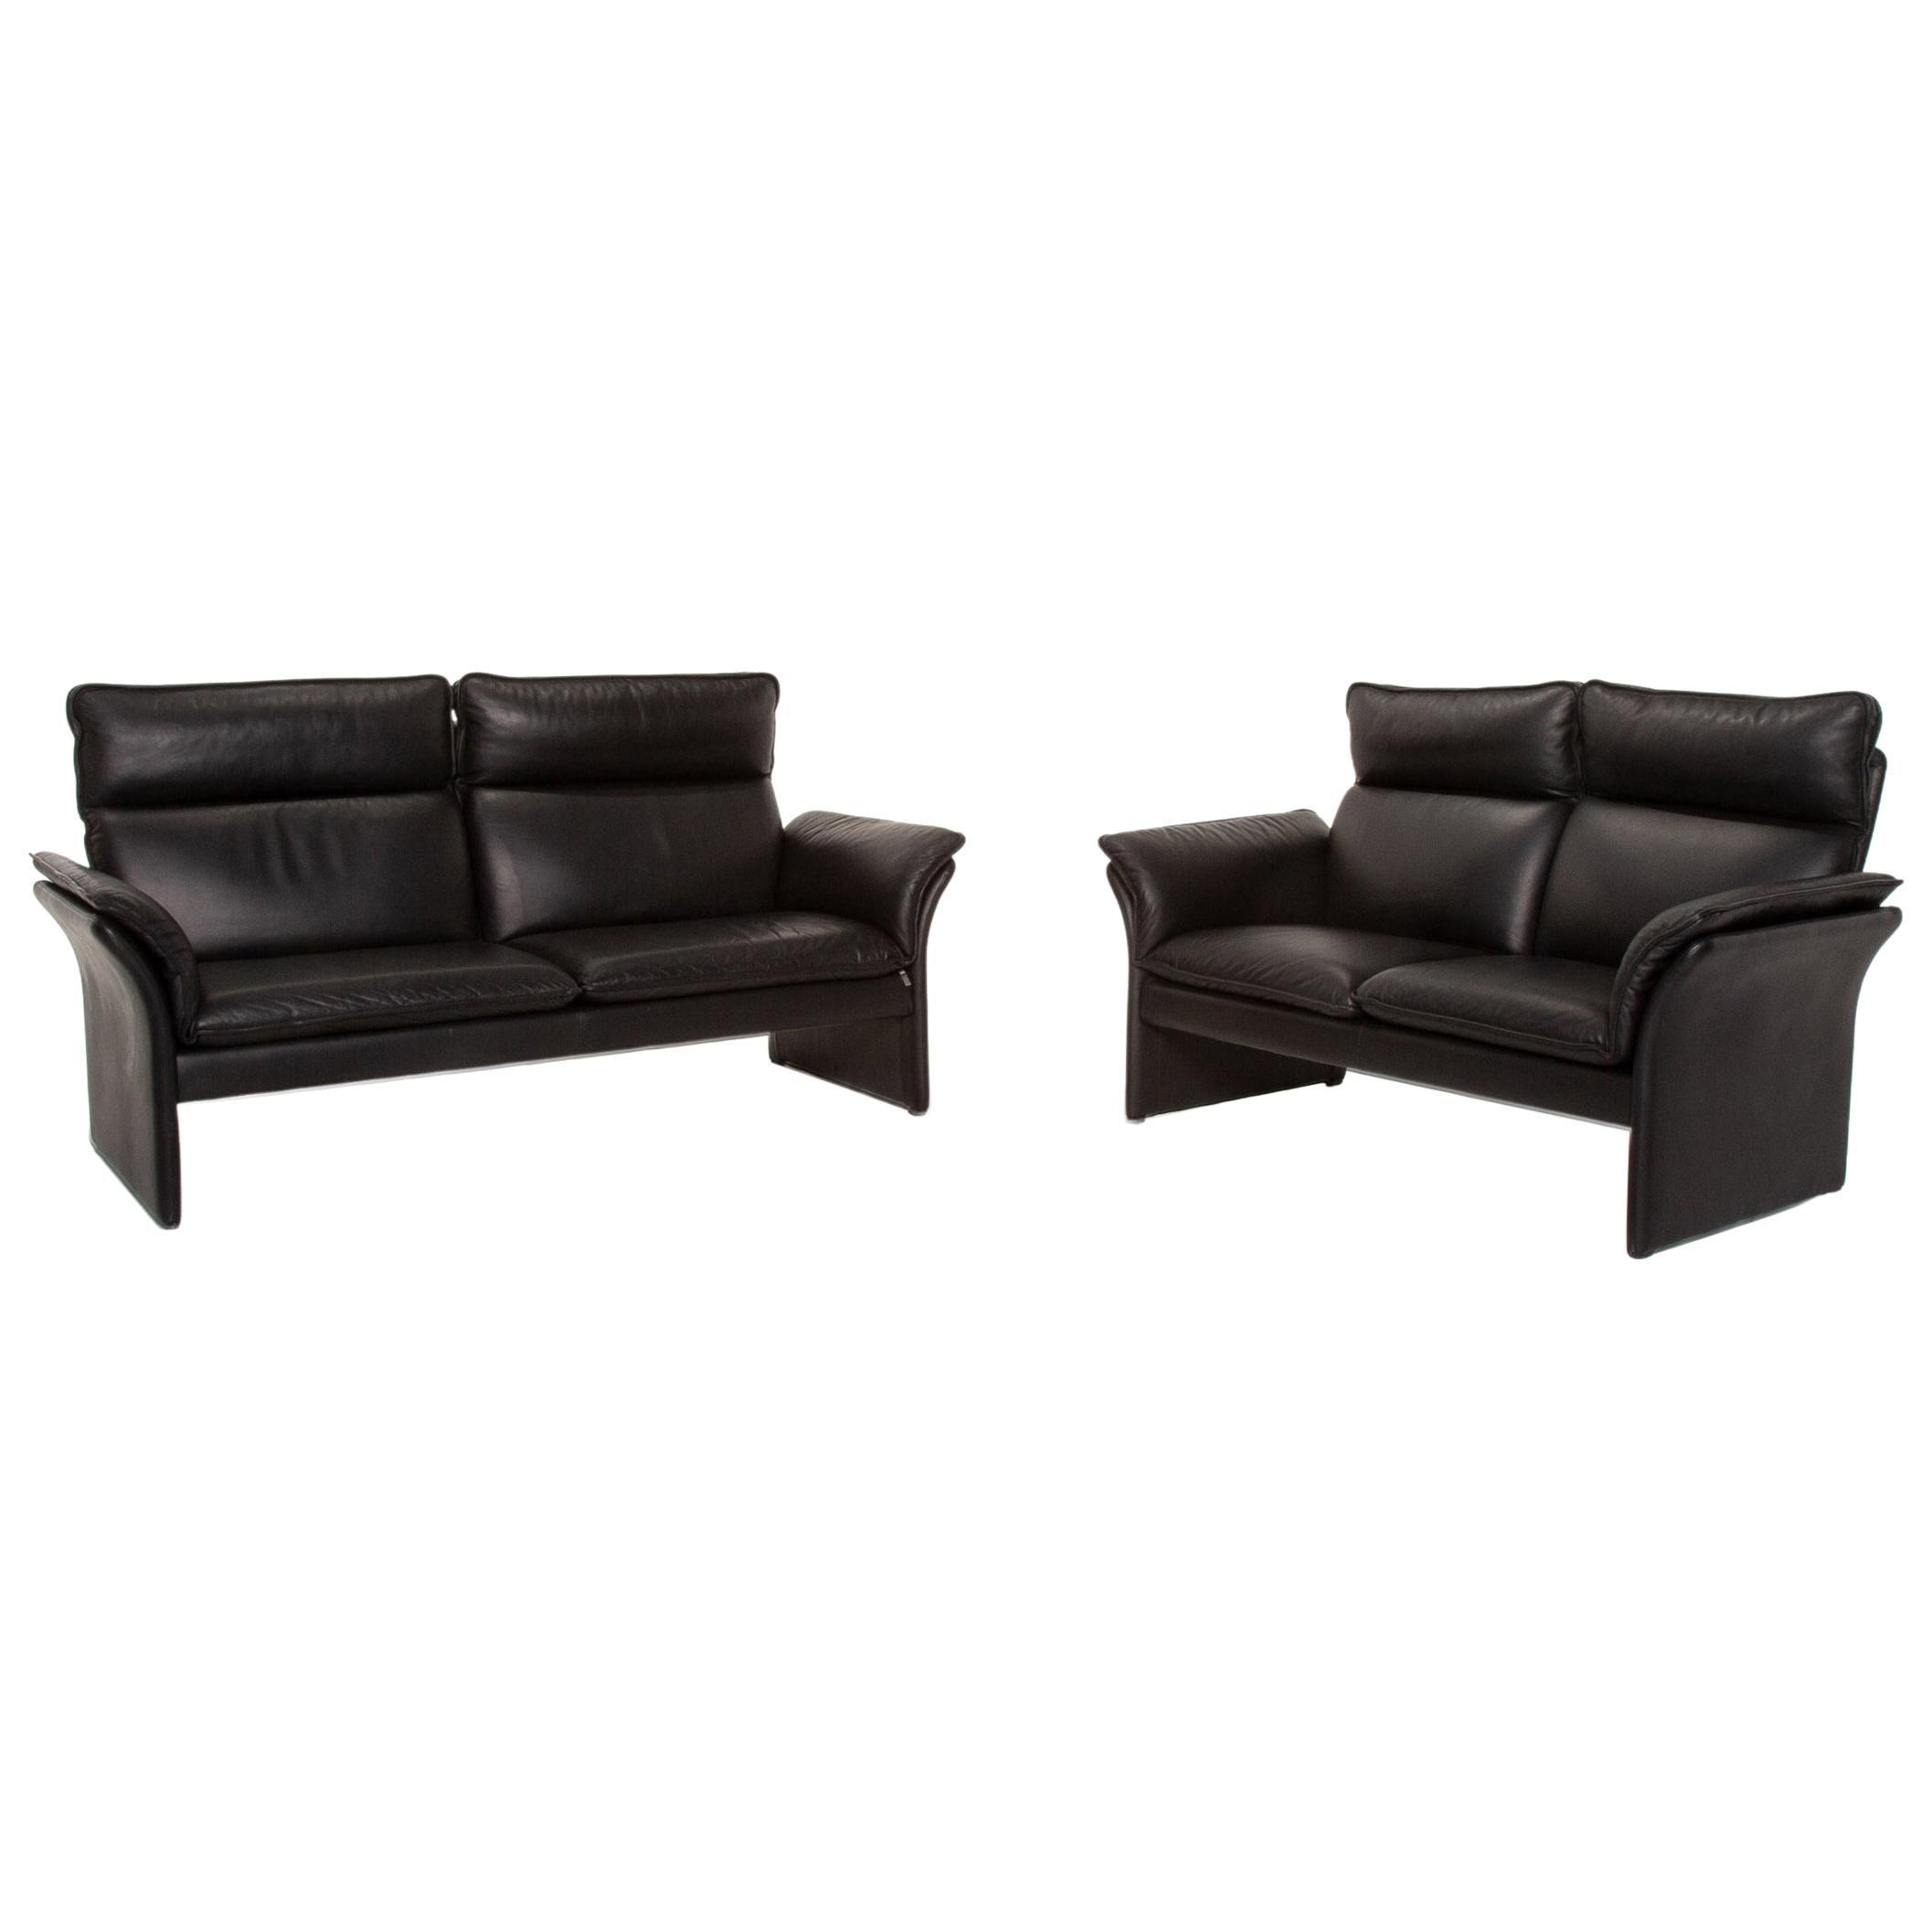 Three-Point Scala Leather Sofa Set Black 1 Three-Seat 1 Two-Seat